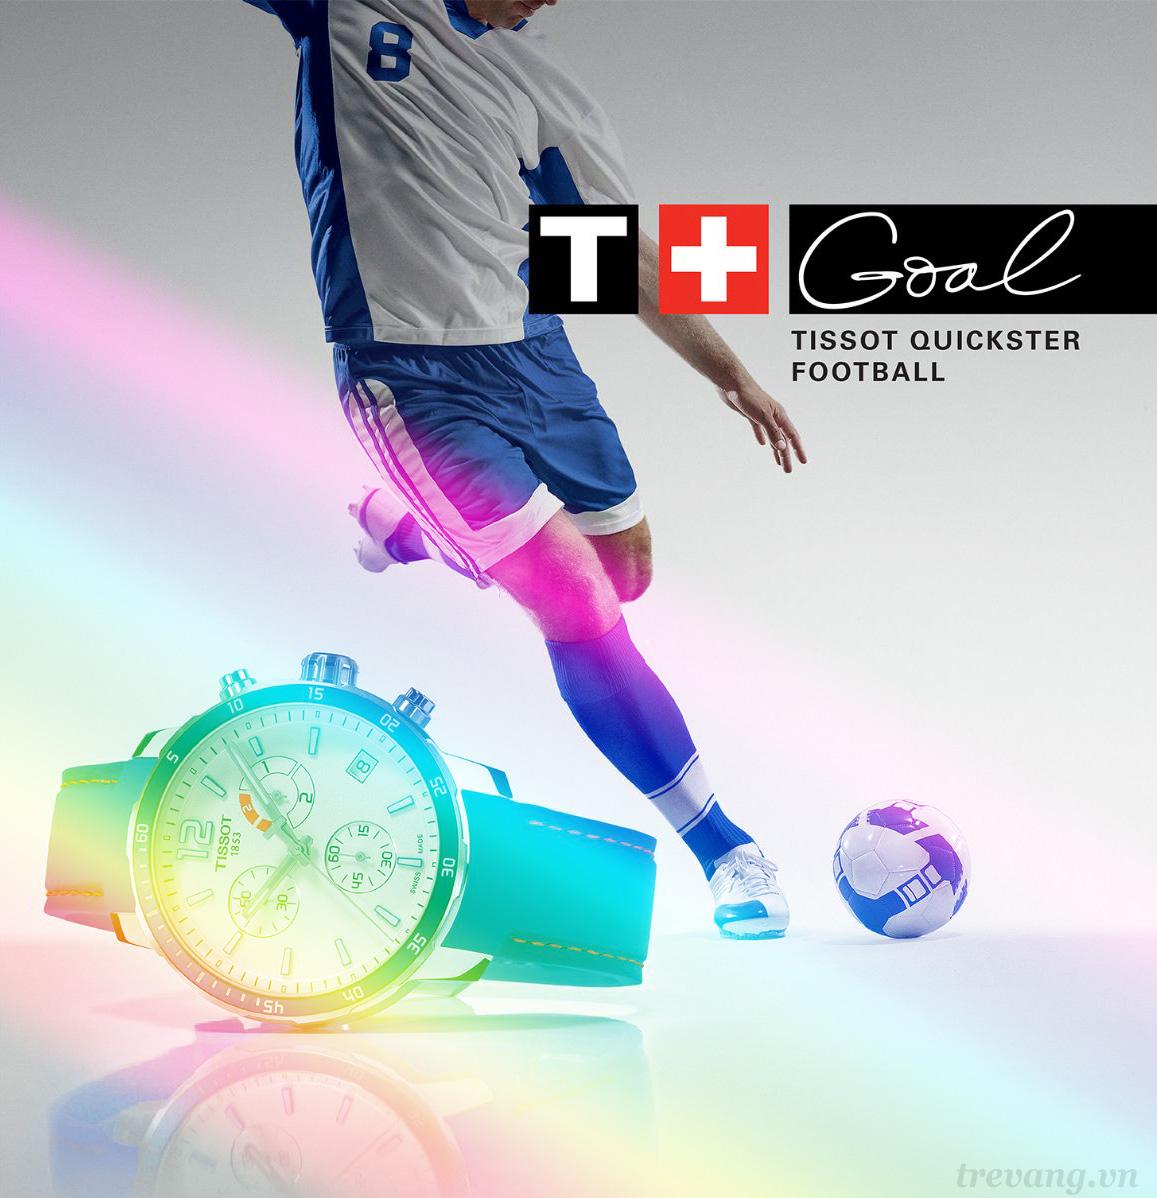 Đồng hồ Tissot 1853 cơ T044.417.21.041.00 dòng sản phẩm T-sport